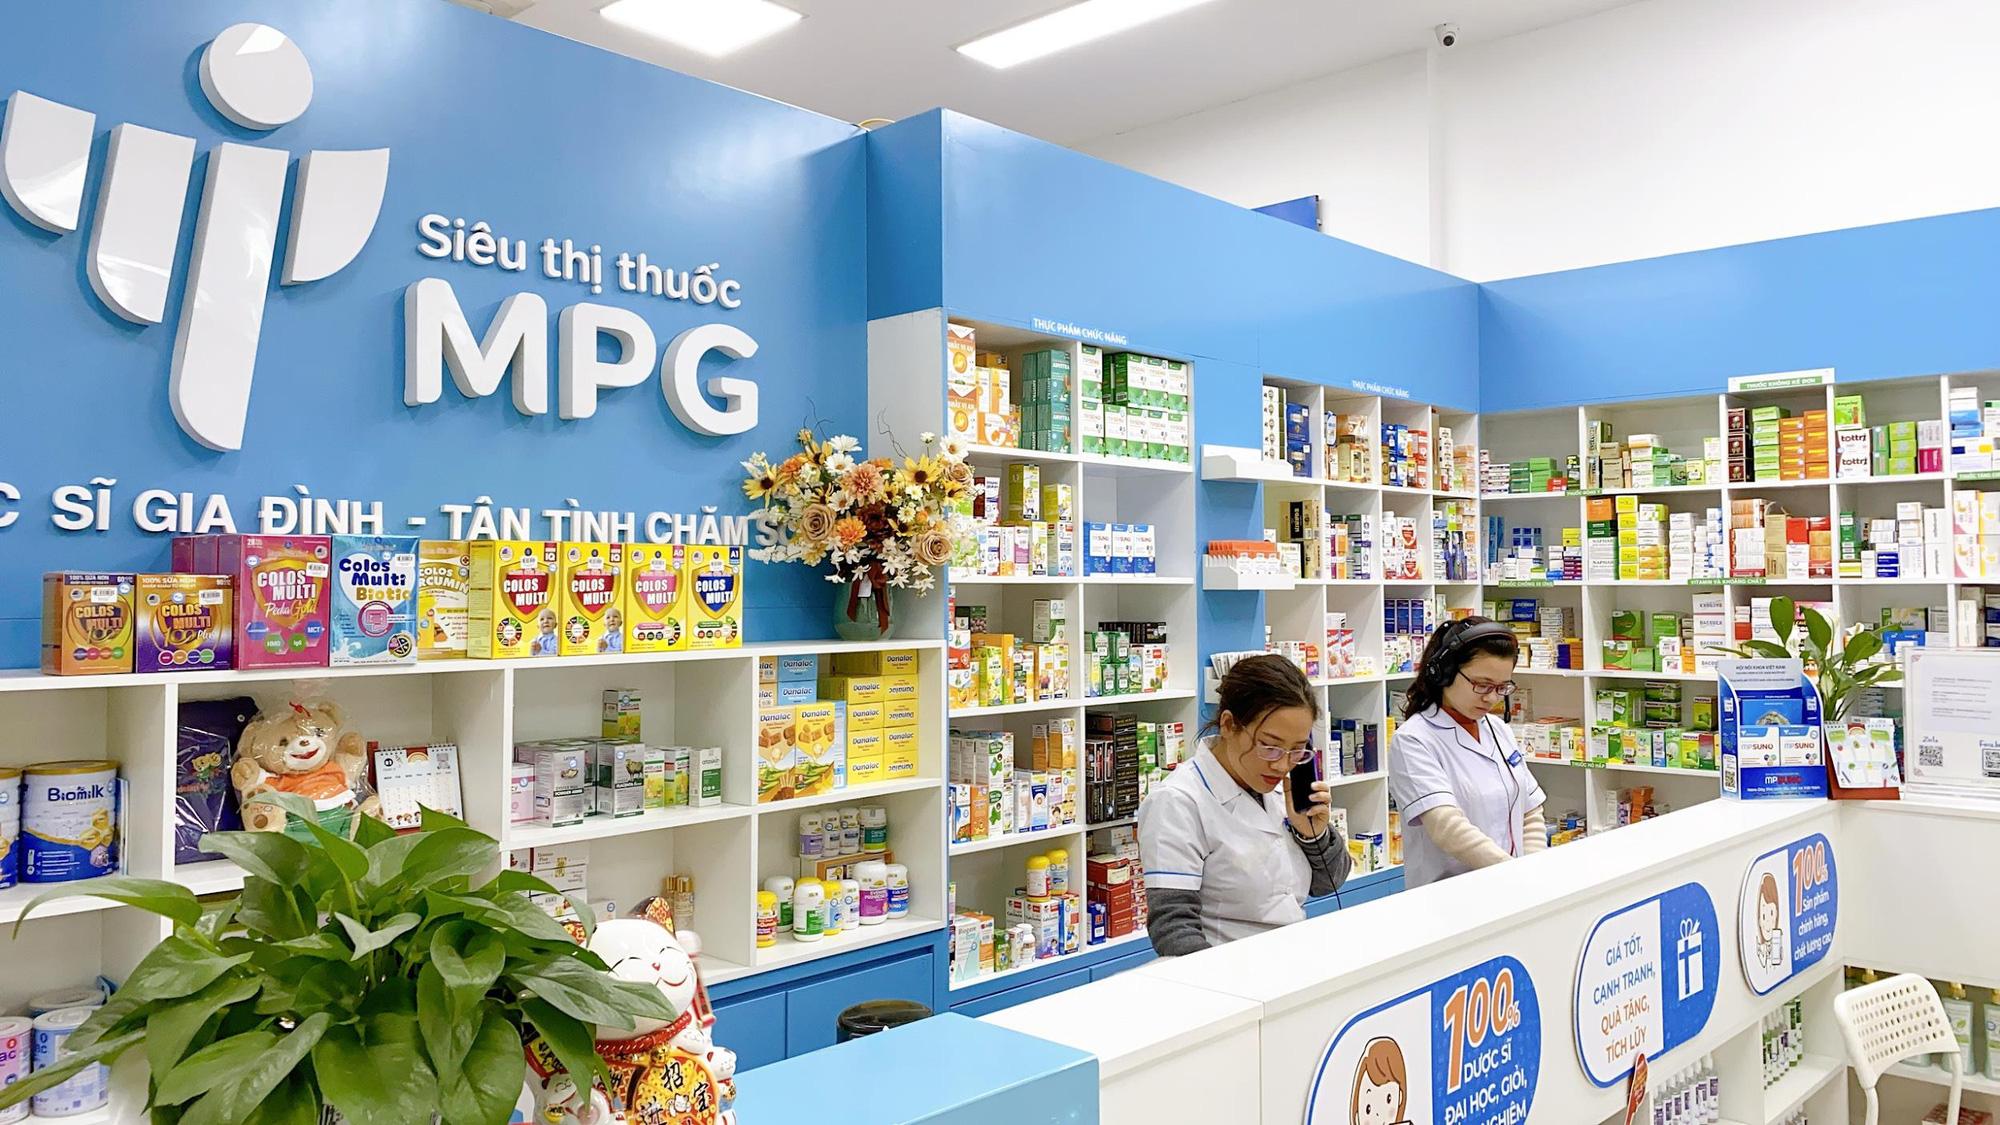 Siêu thị thuốc MPG – Tiên phong với mô hình dược sĩ gia đình tại Việt Nam - Ảnh 2.